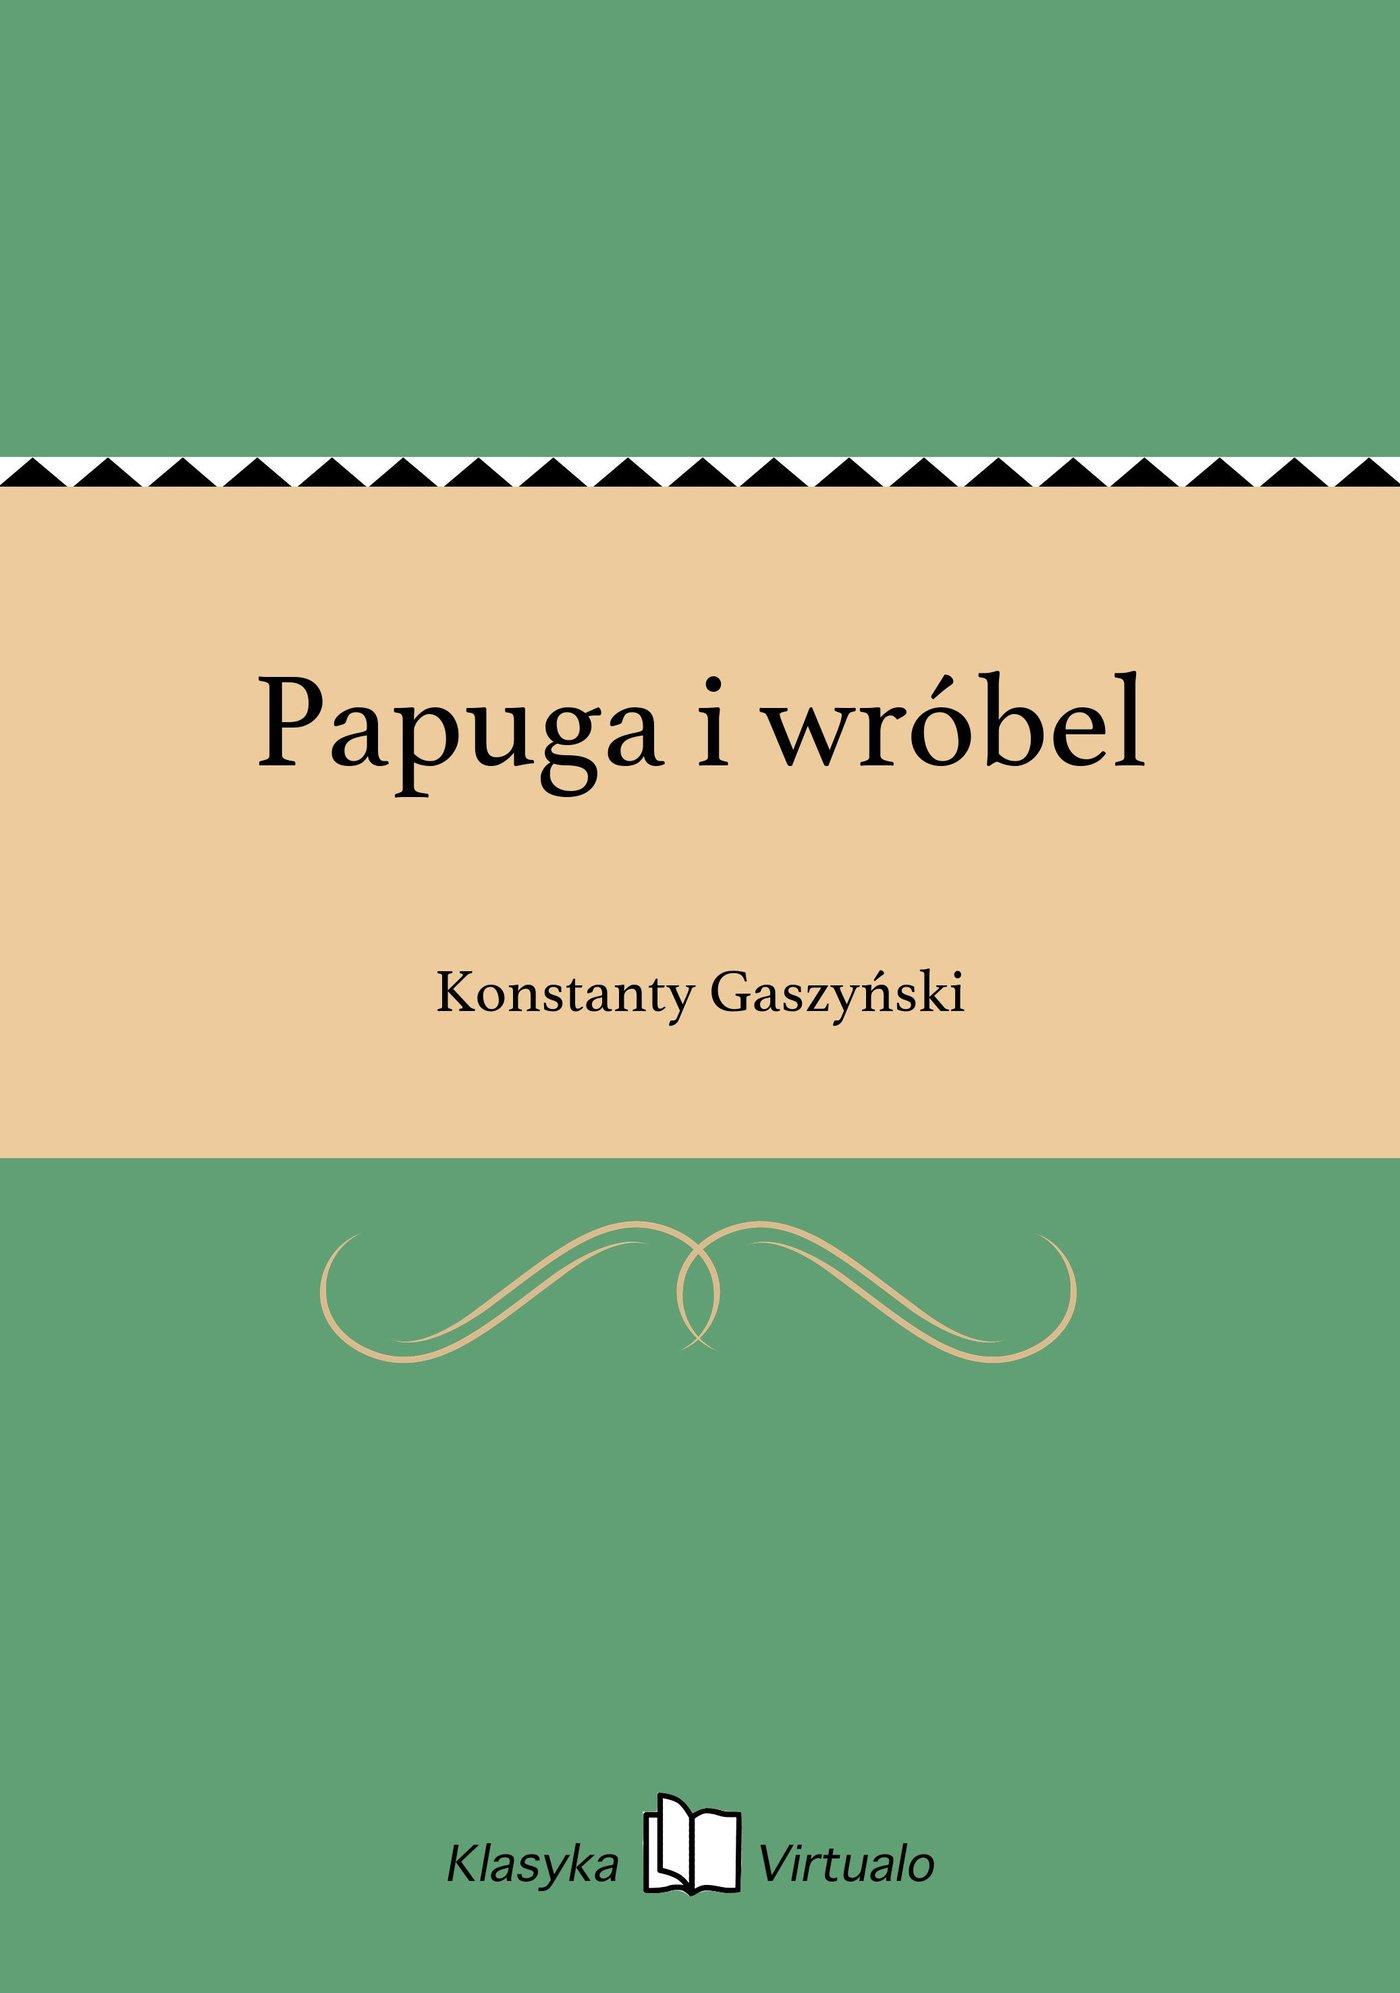 Papuga i wróbel - Ebook (Książka EPUB) do pobrania w formacie EPUB